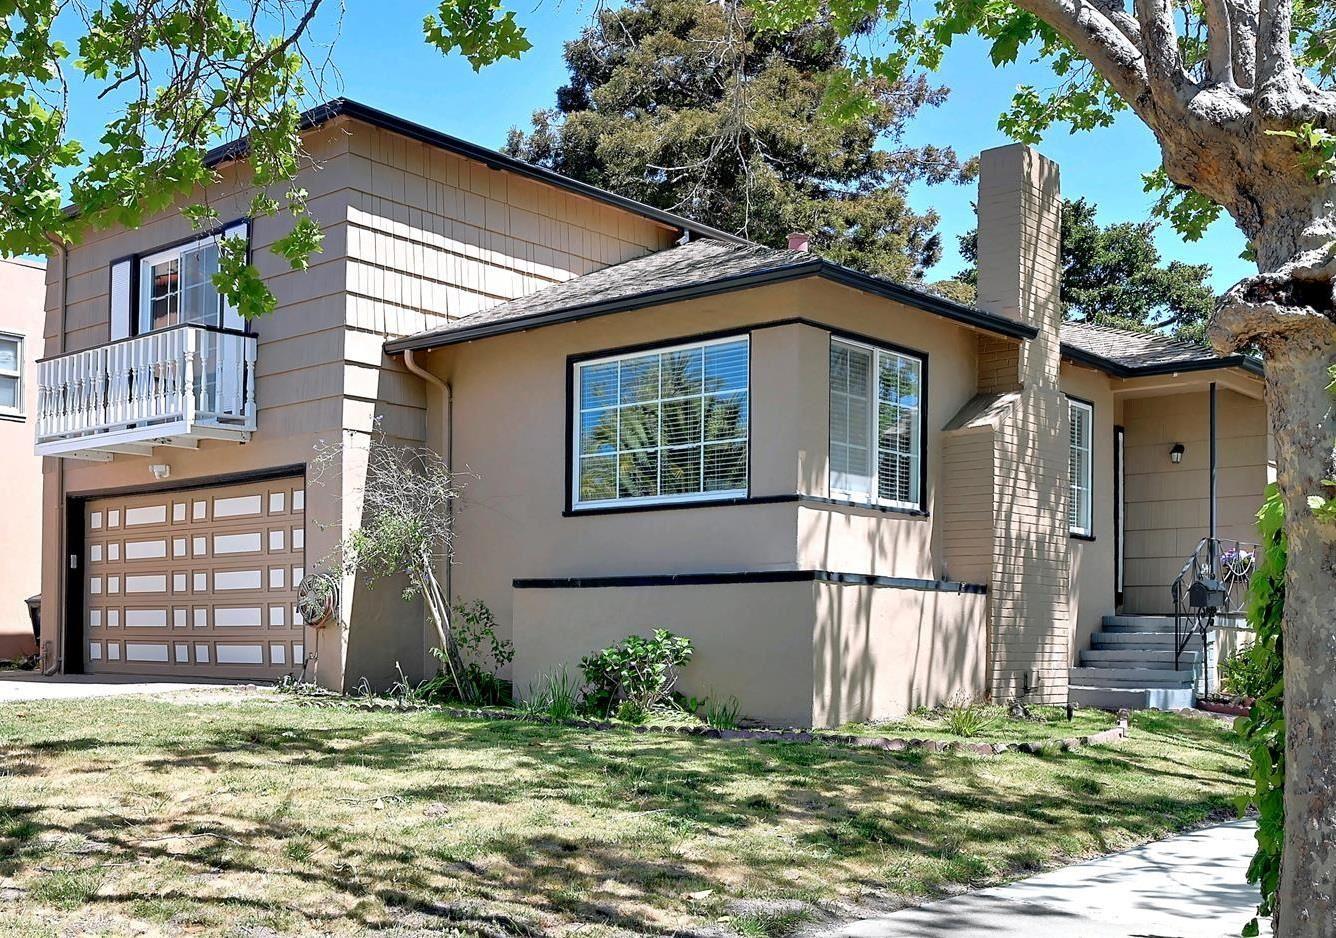 Photo for 541 Hillcrest Boulevard, MILLBRAE, CA 94030 (MLS # ML81842433)